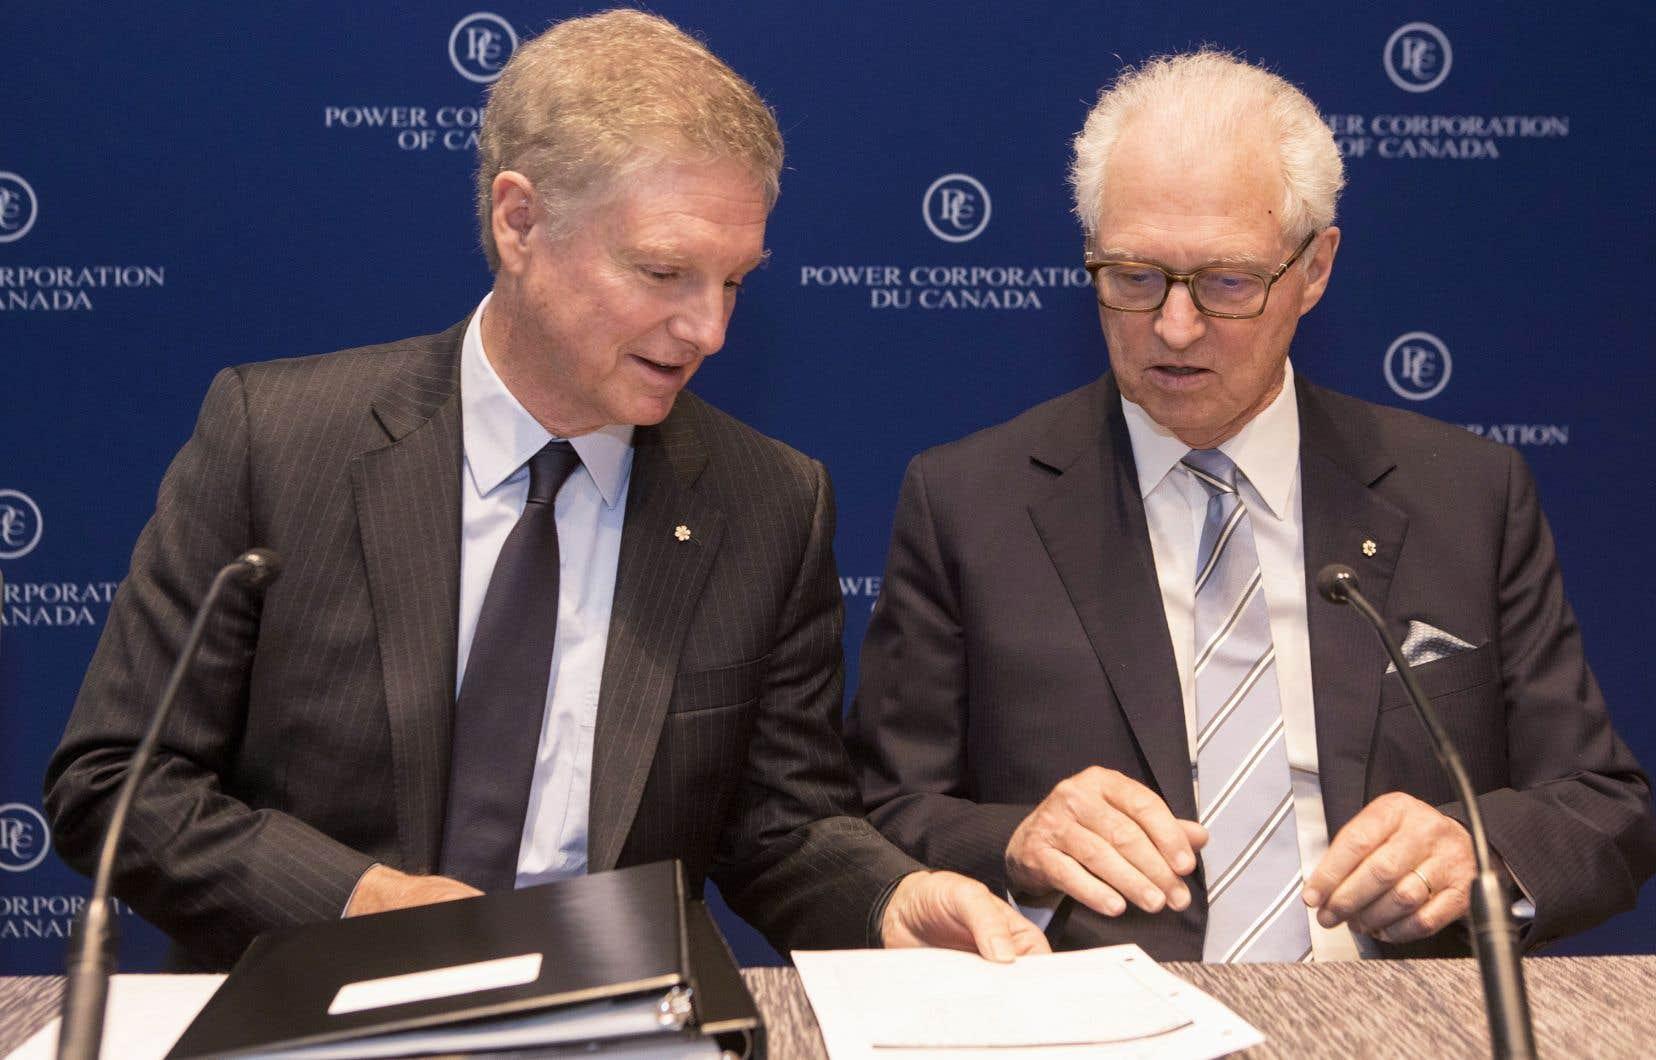 Paul Desmarais fils (à gauche) et André Desmarais (à droite) quitteront leurs fonctions, mais demeureront respectivement président et vice-président du conseil d'administration.